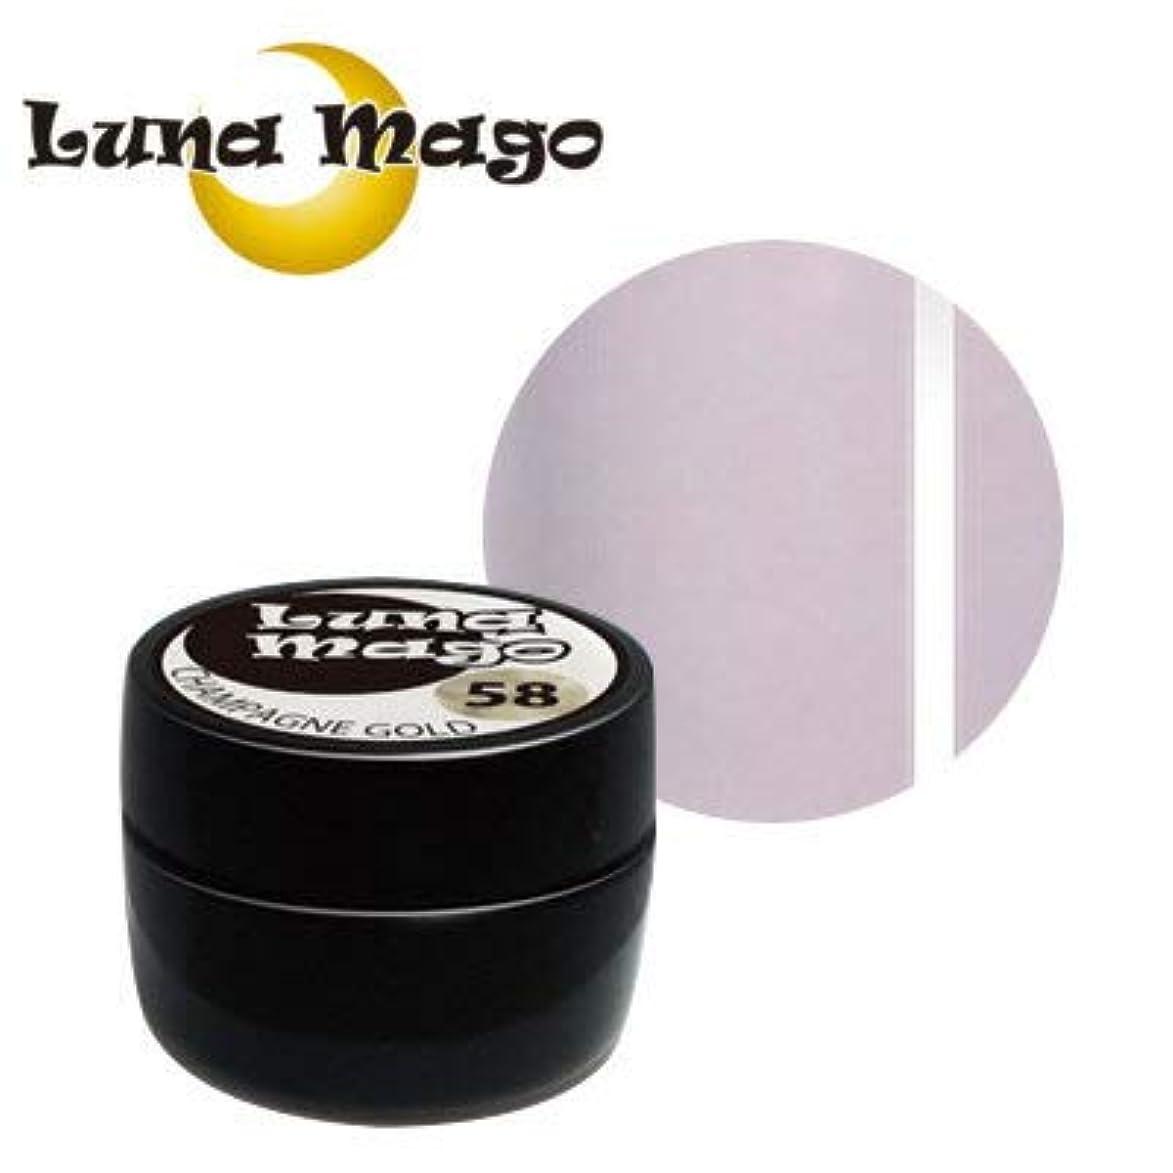 発掘表示貫通Luna Mago カラージェル 5g 046 ライトパープル